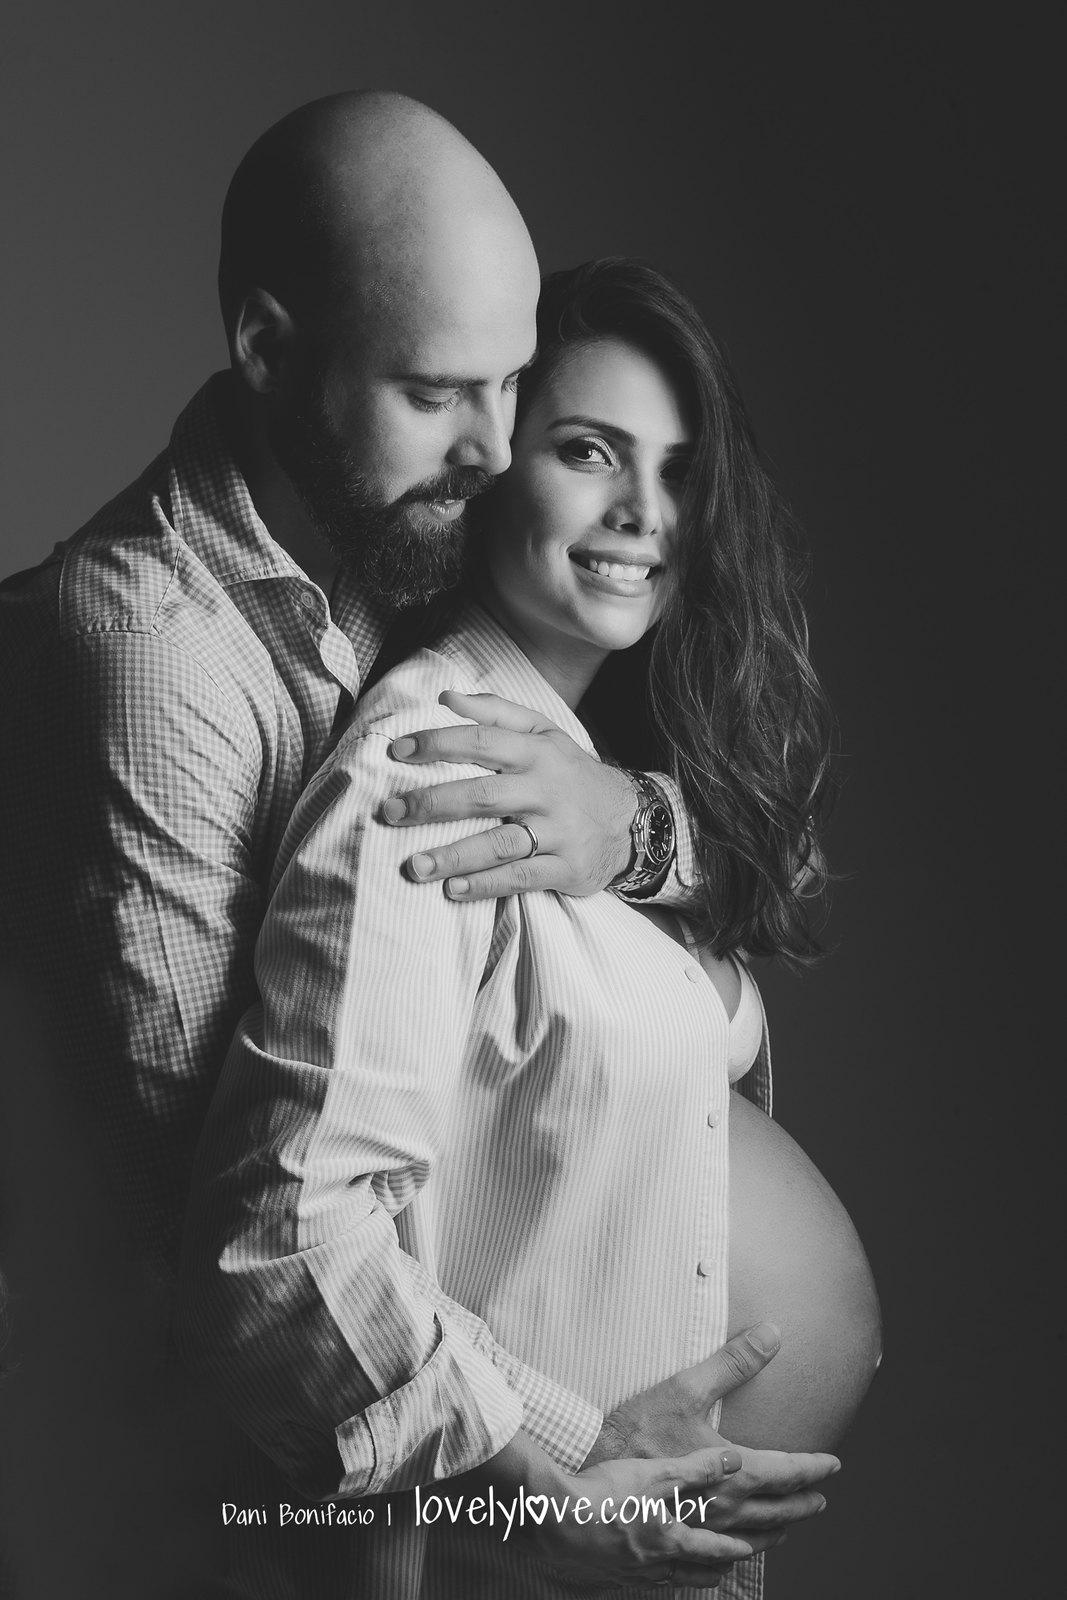 danibonifacio-lovelylovefotografia-ensaiogestante-gravida-estudio-externo-ensaiogravida-bookfotografico-newborn-balneariocamboriu-bombinhas-portobelo-itajai-itapema-blumenau-gaspar-5